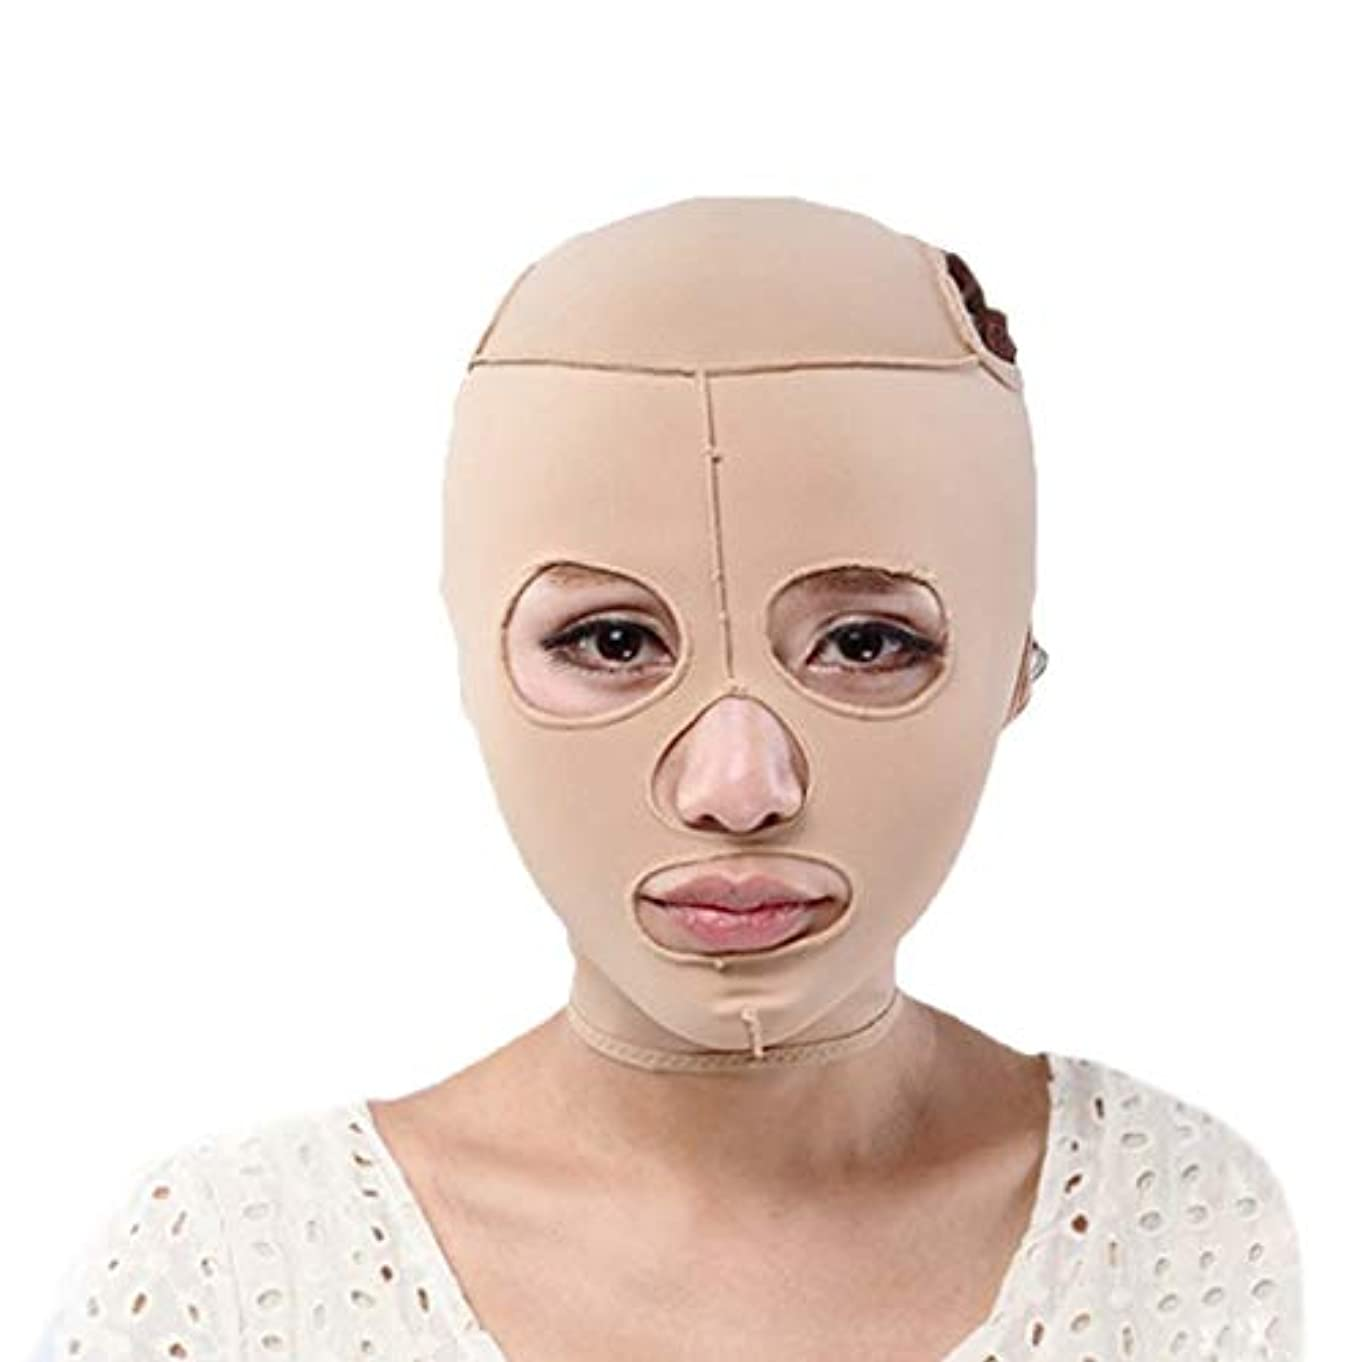 ブレイズ灰海洋チンストラップ、顔の減量アンチシワマスク、快適な通気性マスク付きオールインクルーシブフェイス、薄型フェイスマスクリフティング包帯引き締め(サイズ:S),S